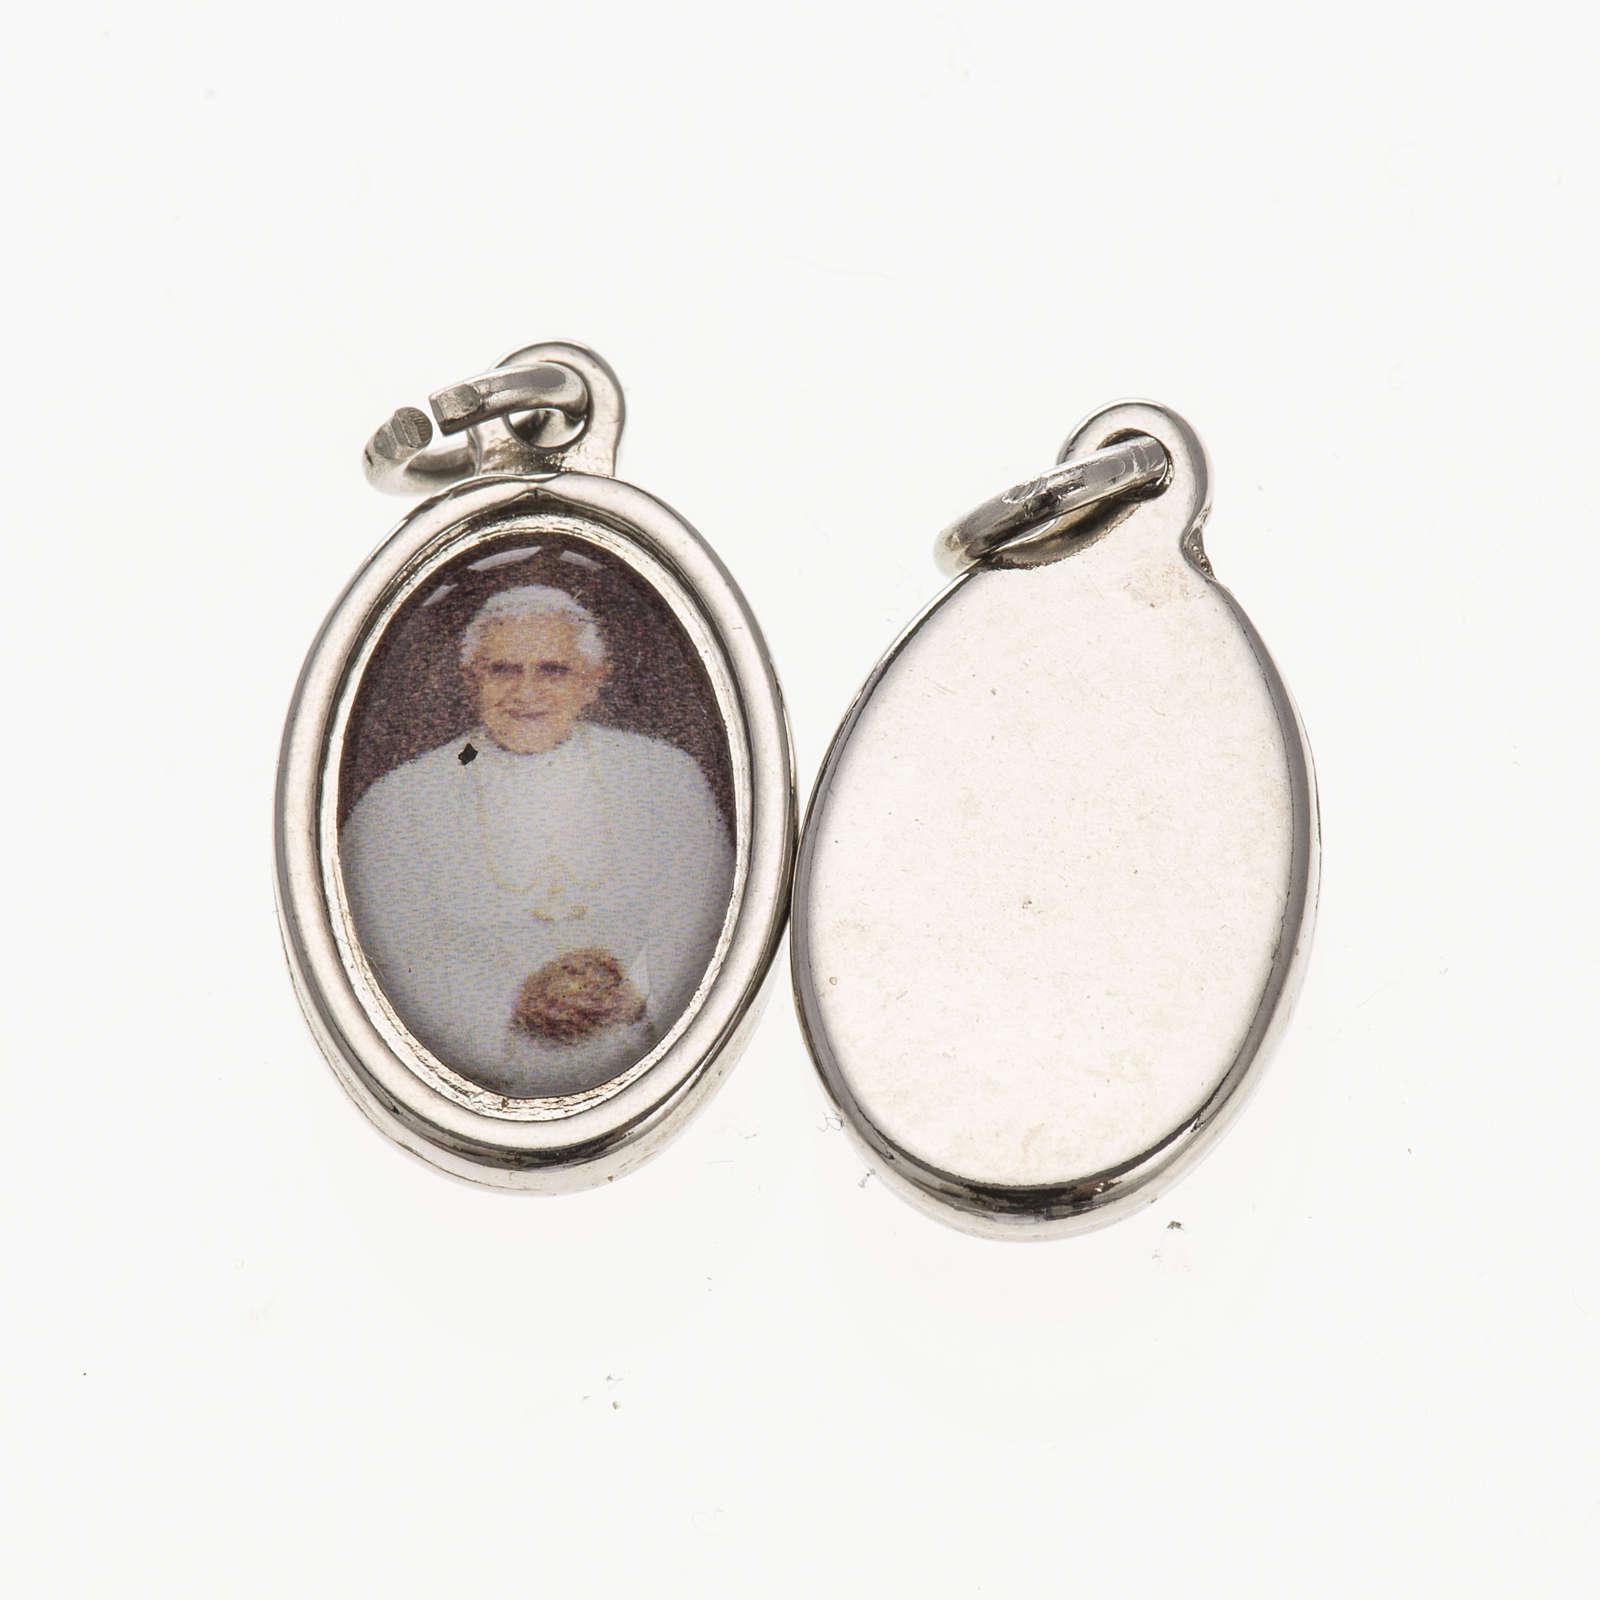 Médaille Benoit XVI argentée 1,5x1 cm 4